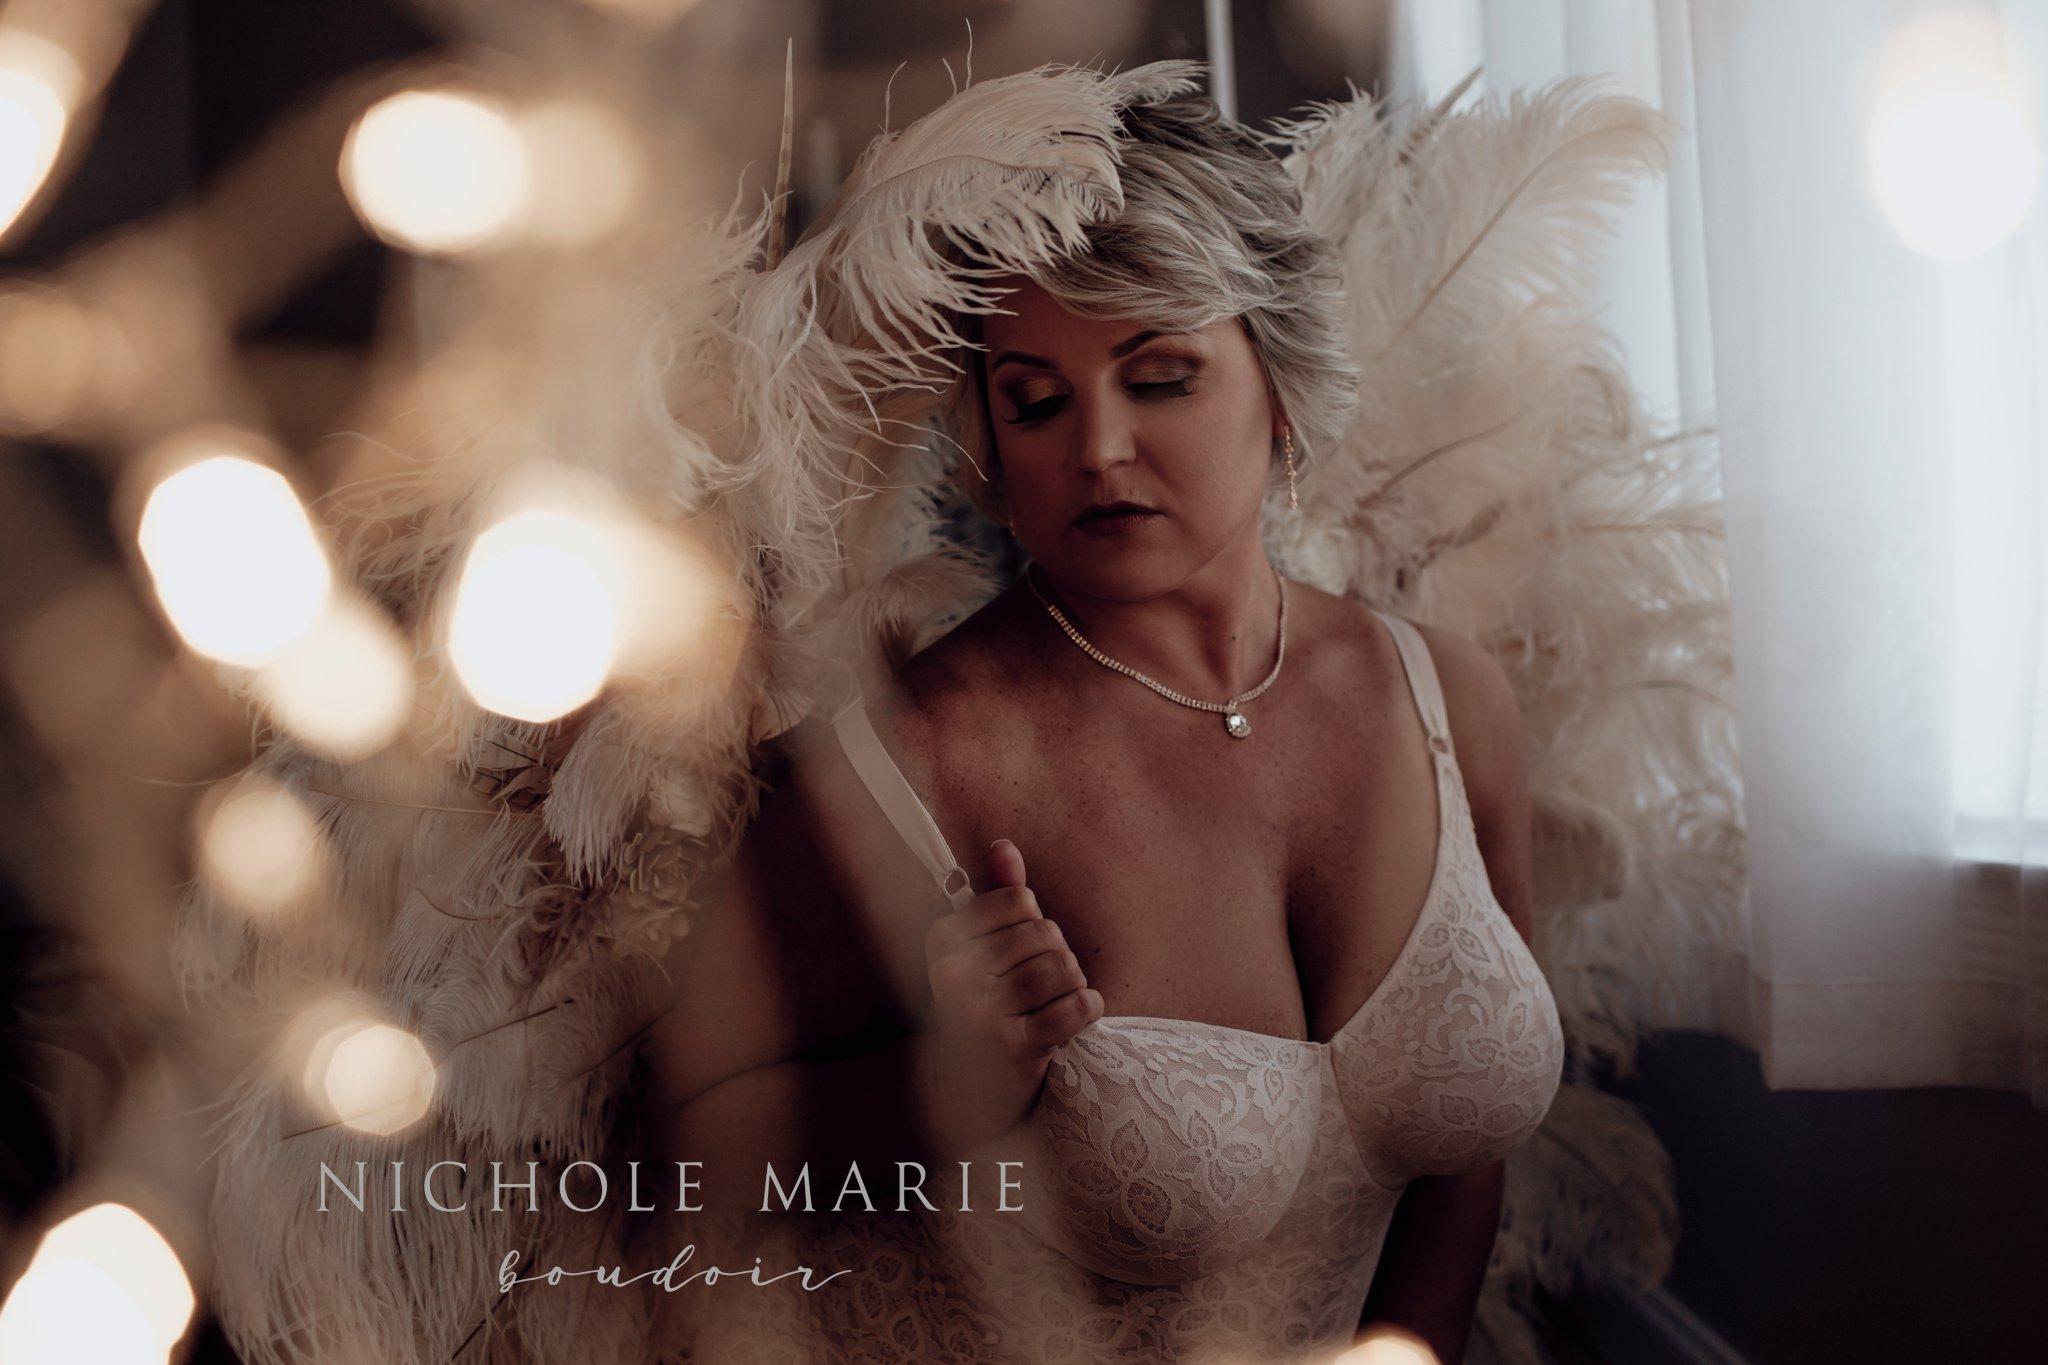 SEBASTIAN FLORIDA BOUDOIR PHOTOGRAPHER | NICHOLE MARIE BOUDOIR_0453.jpg